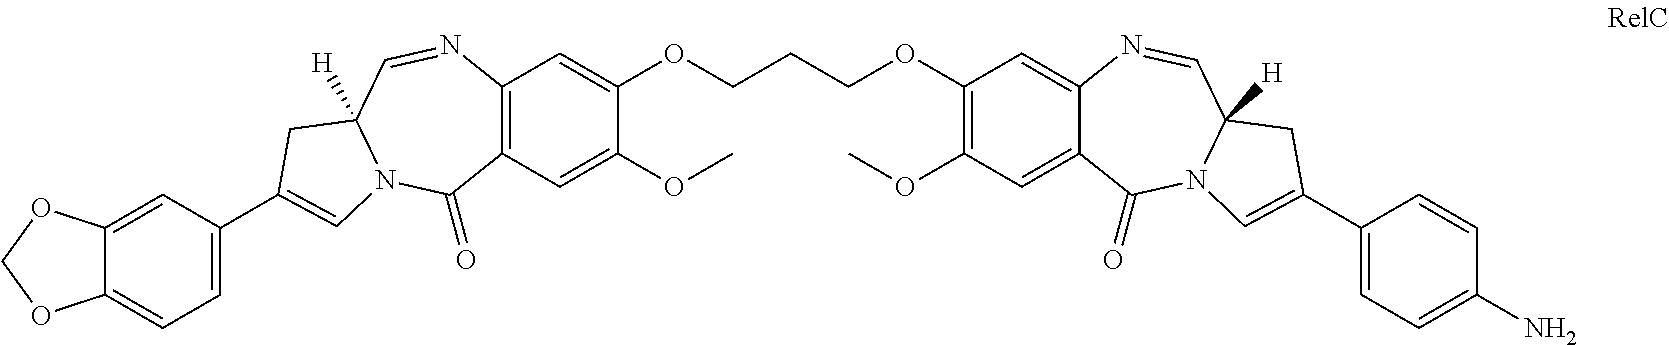 Figure US20150273078A1-20151001-C00028